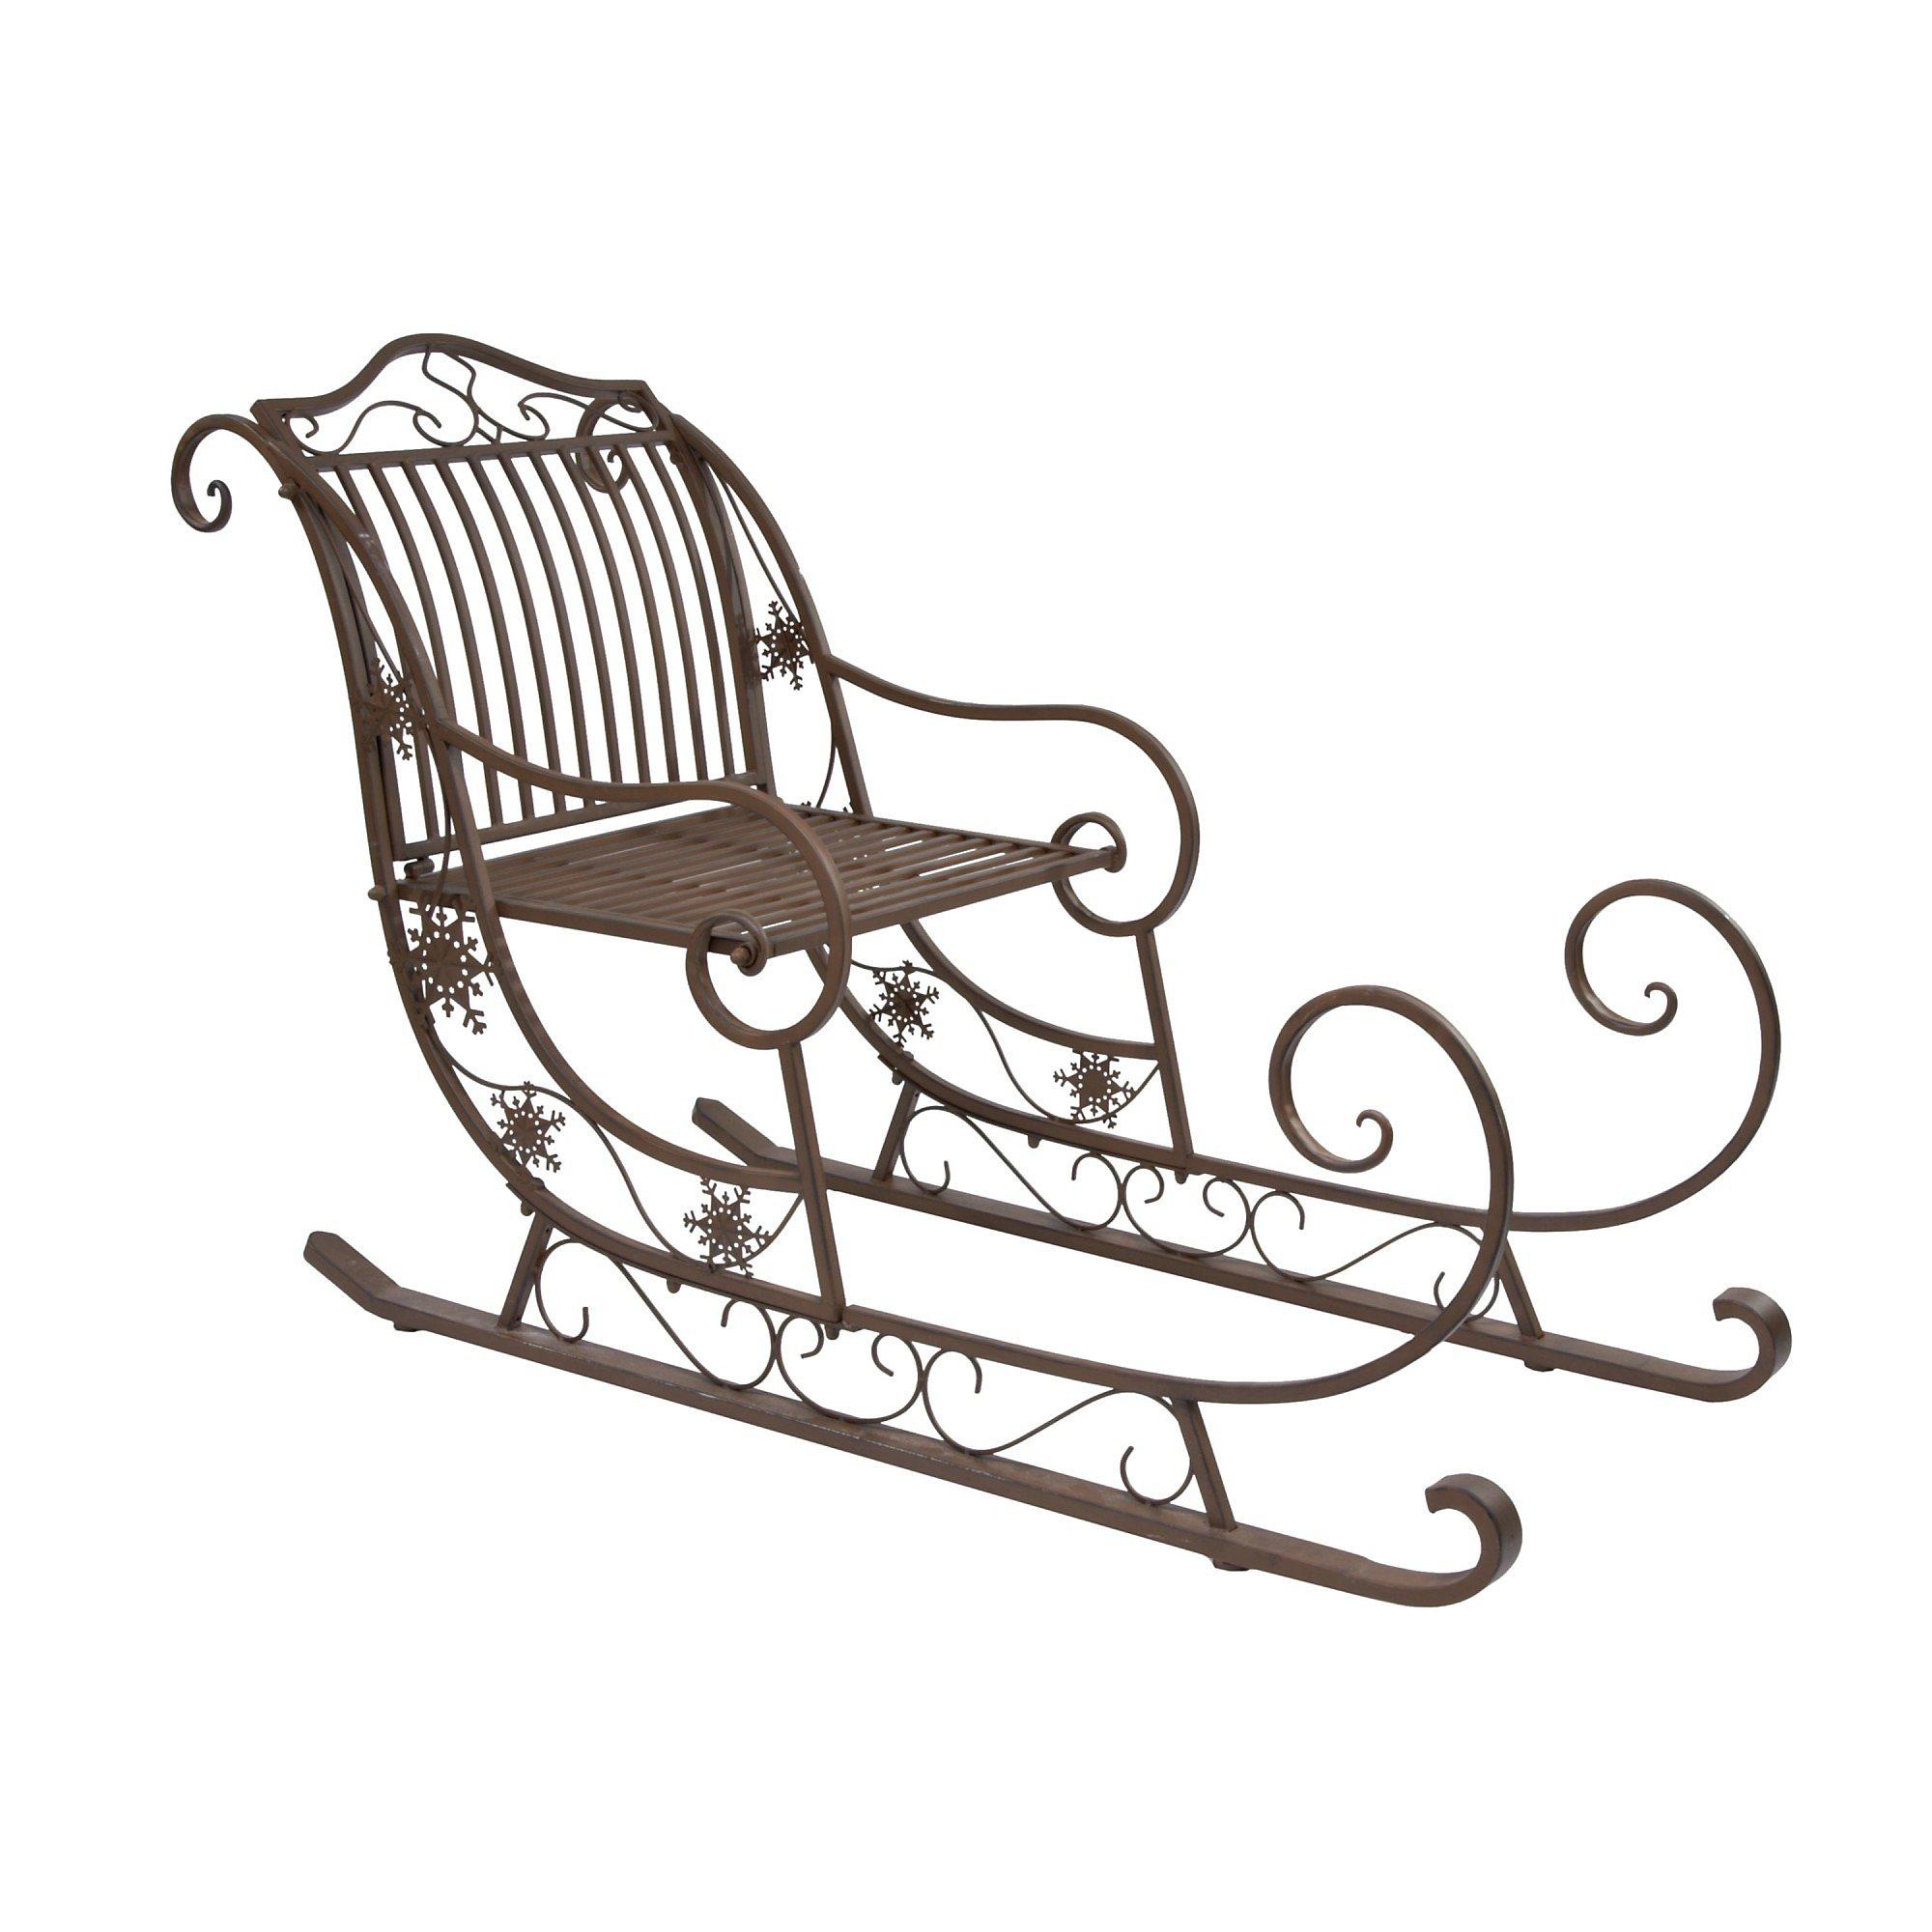 deko schlitten skadi braun jetzt bei bestellen. Black Bedroom Furniture Sets. Home Design Ideas